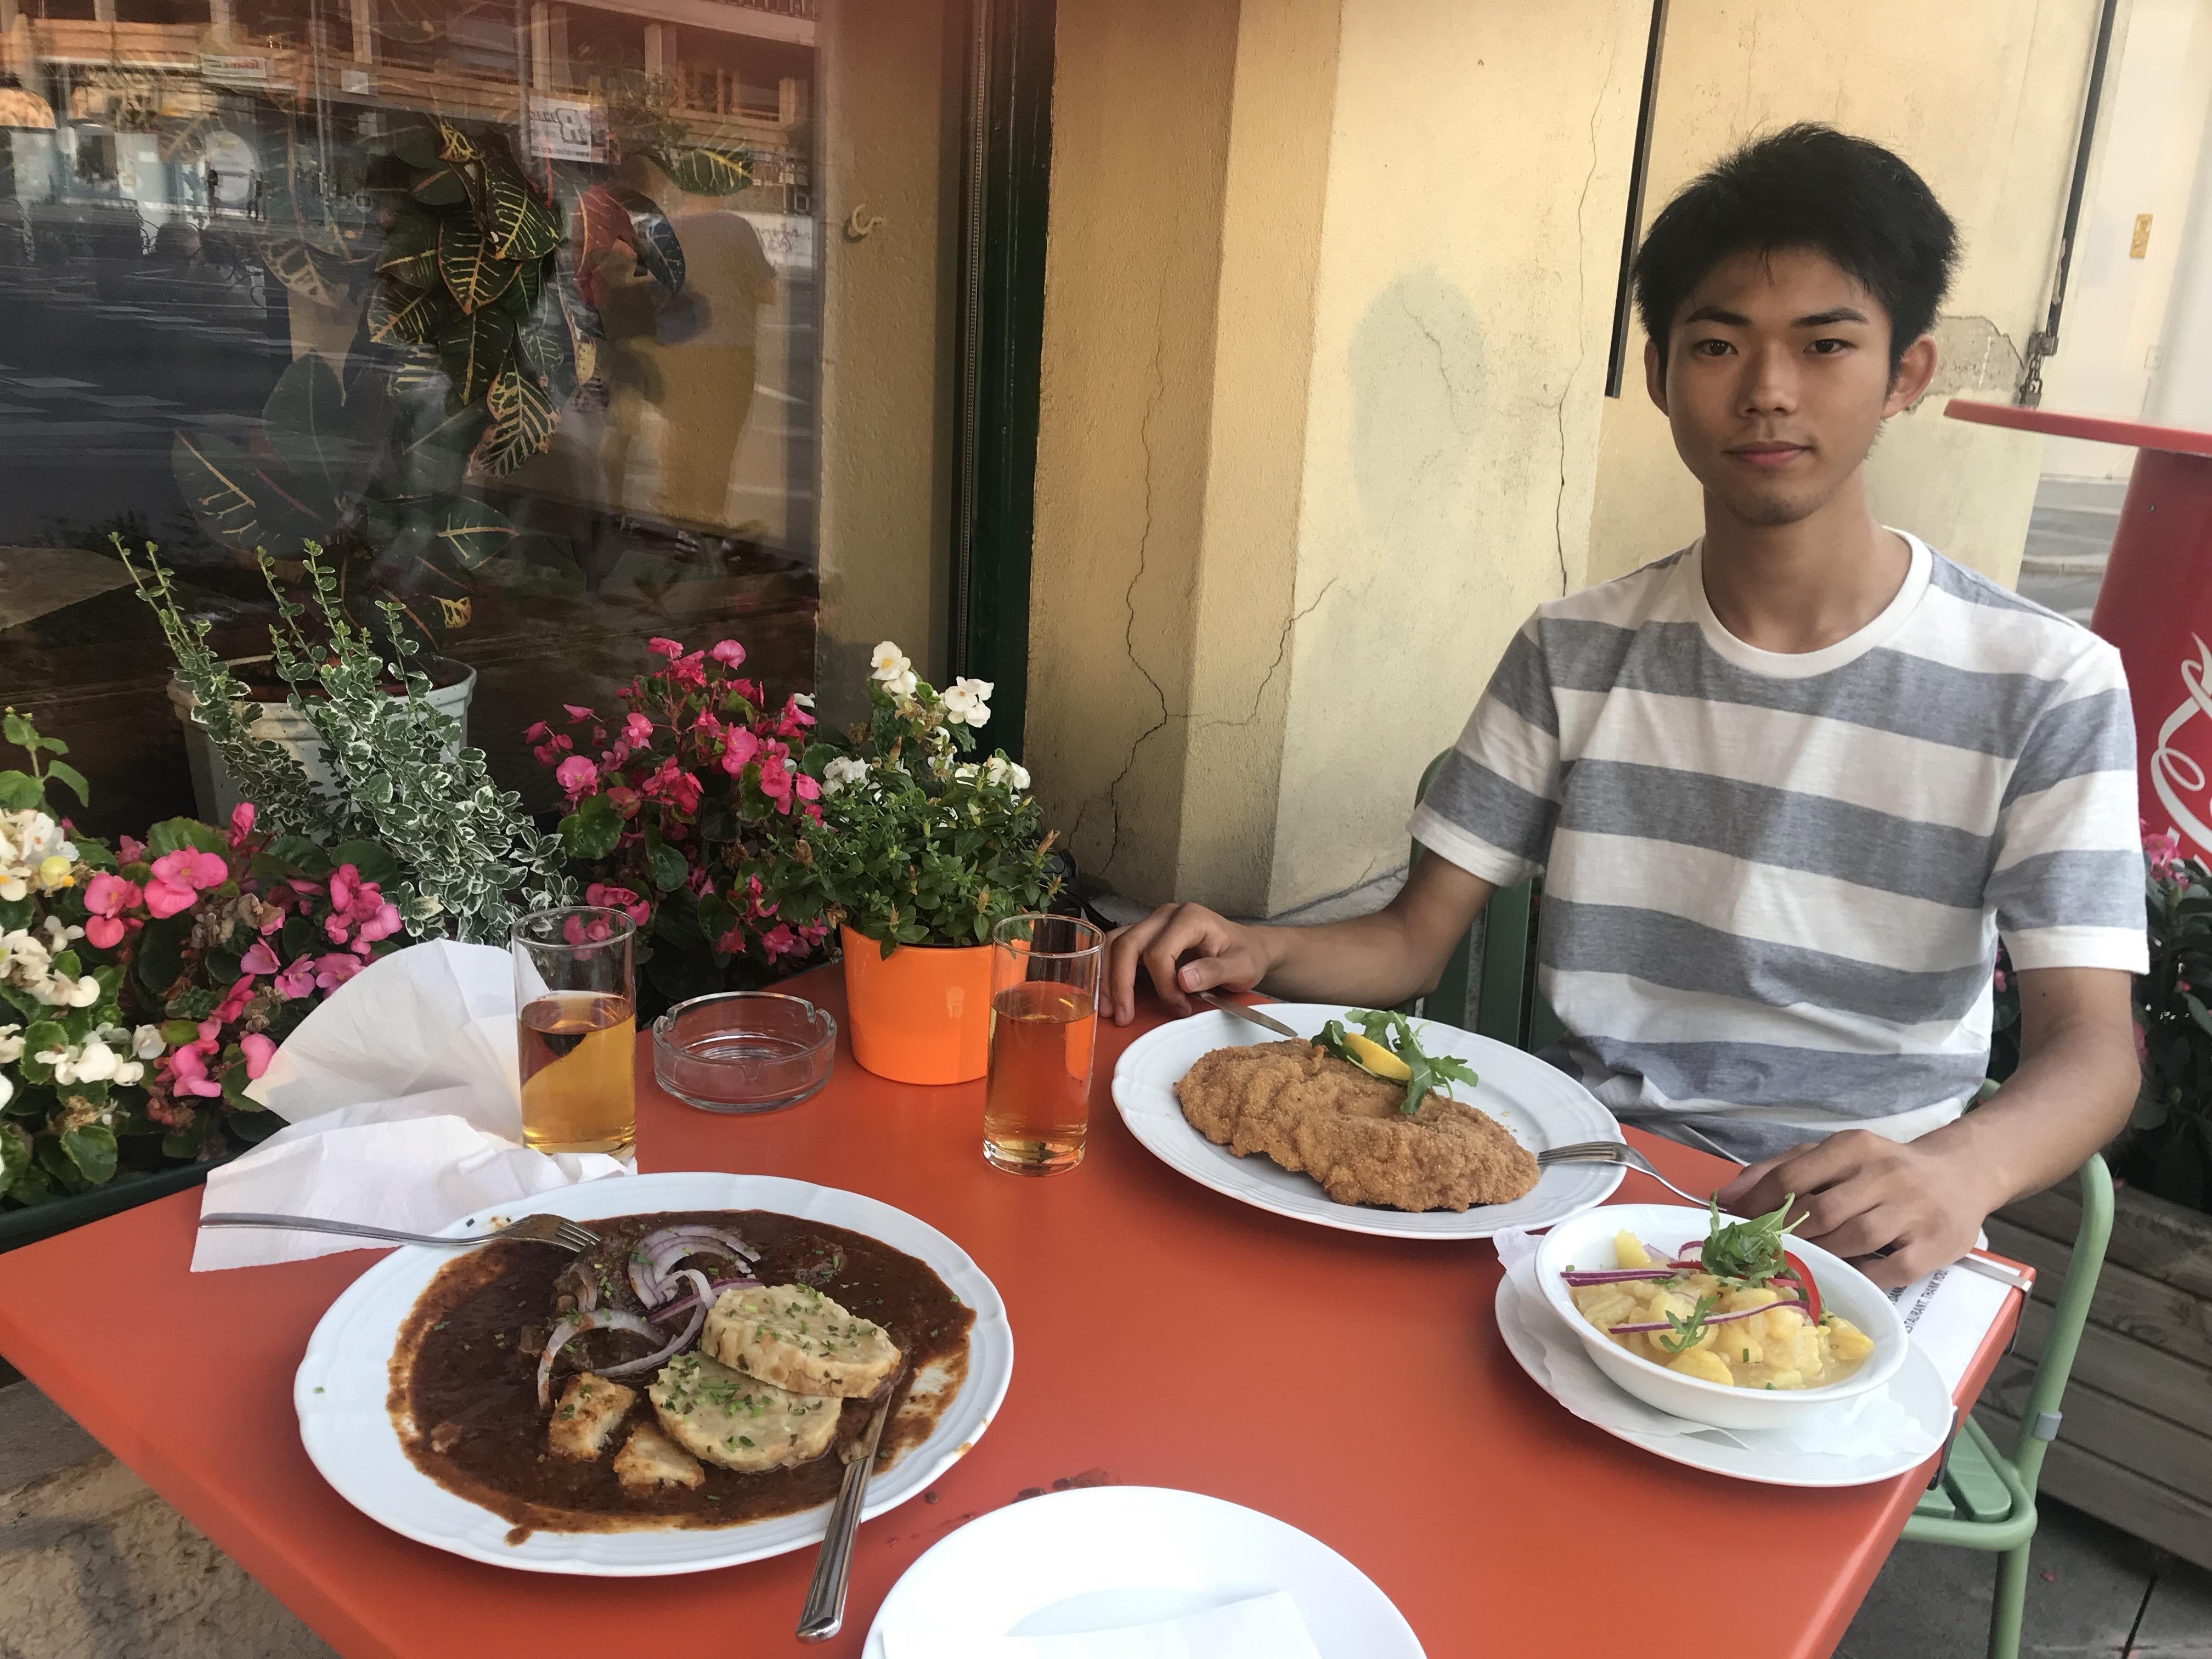 【オーストリア観光情報】オーストリアで一度は食べたい!〜オーストリア発祥料理ウィンナーシュニッツェル〜